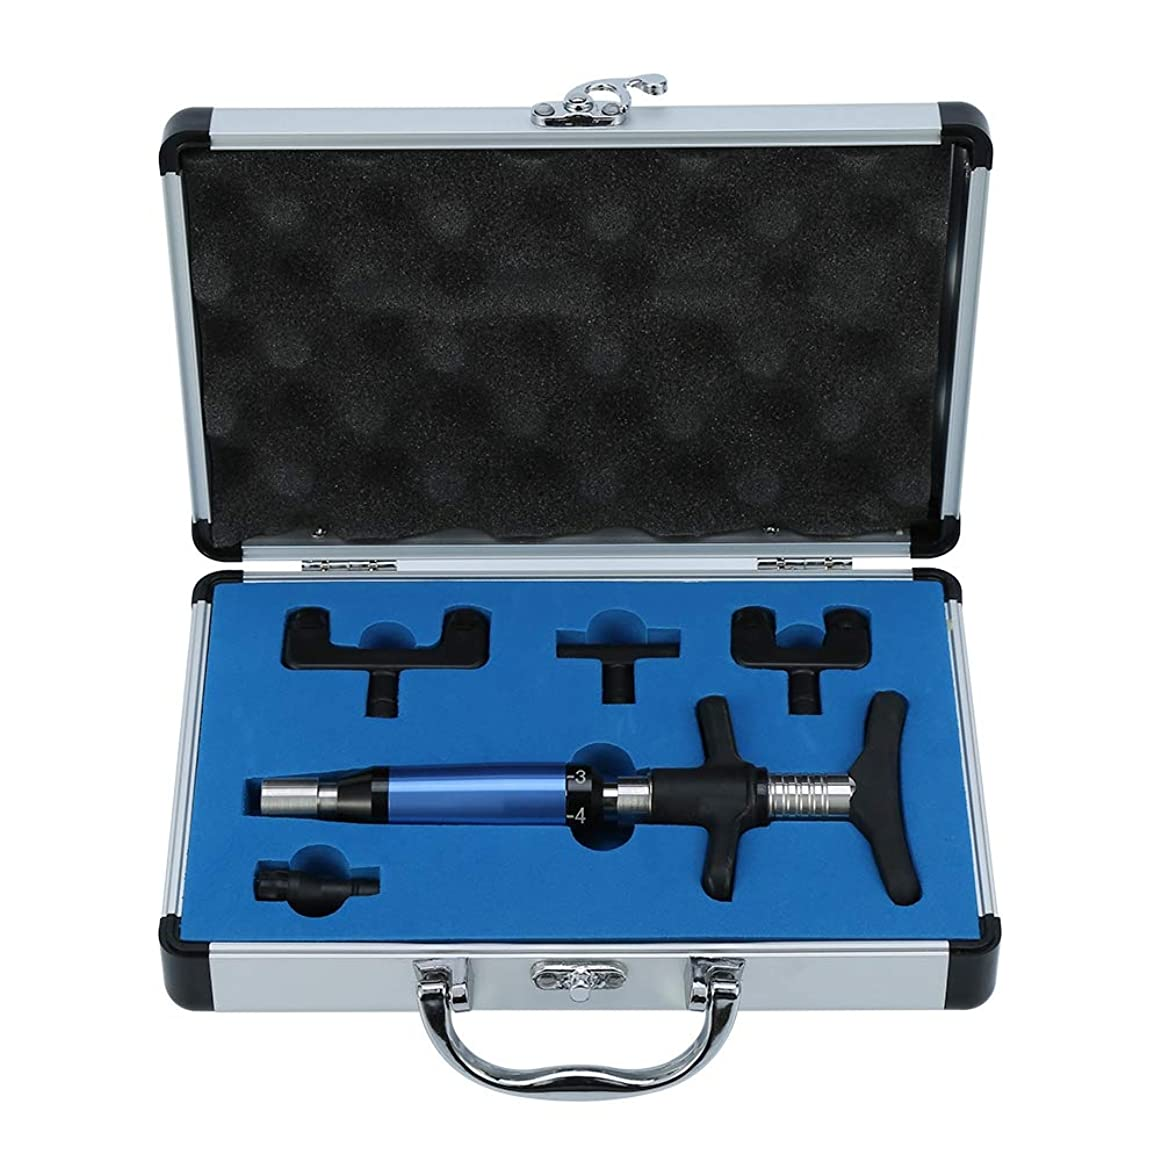 説教するトランスミッション咲く脊椎カイロプラクティック調整ツールインパルスアジャスター脊椎活性化剤、6レベルマニュアルフォースヘッド脊髄マッサージャー、ポータブルカイロプラクティック調整キット(2#)